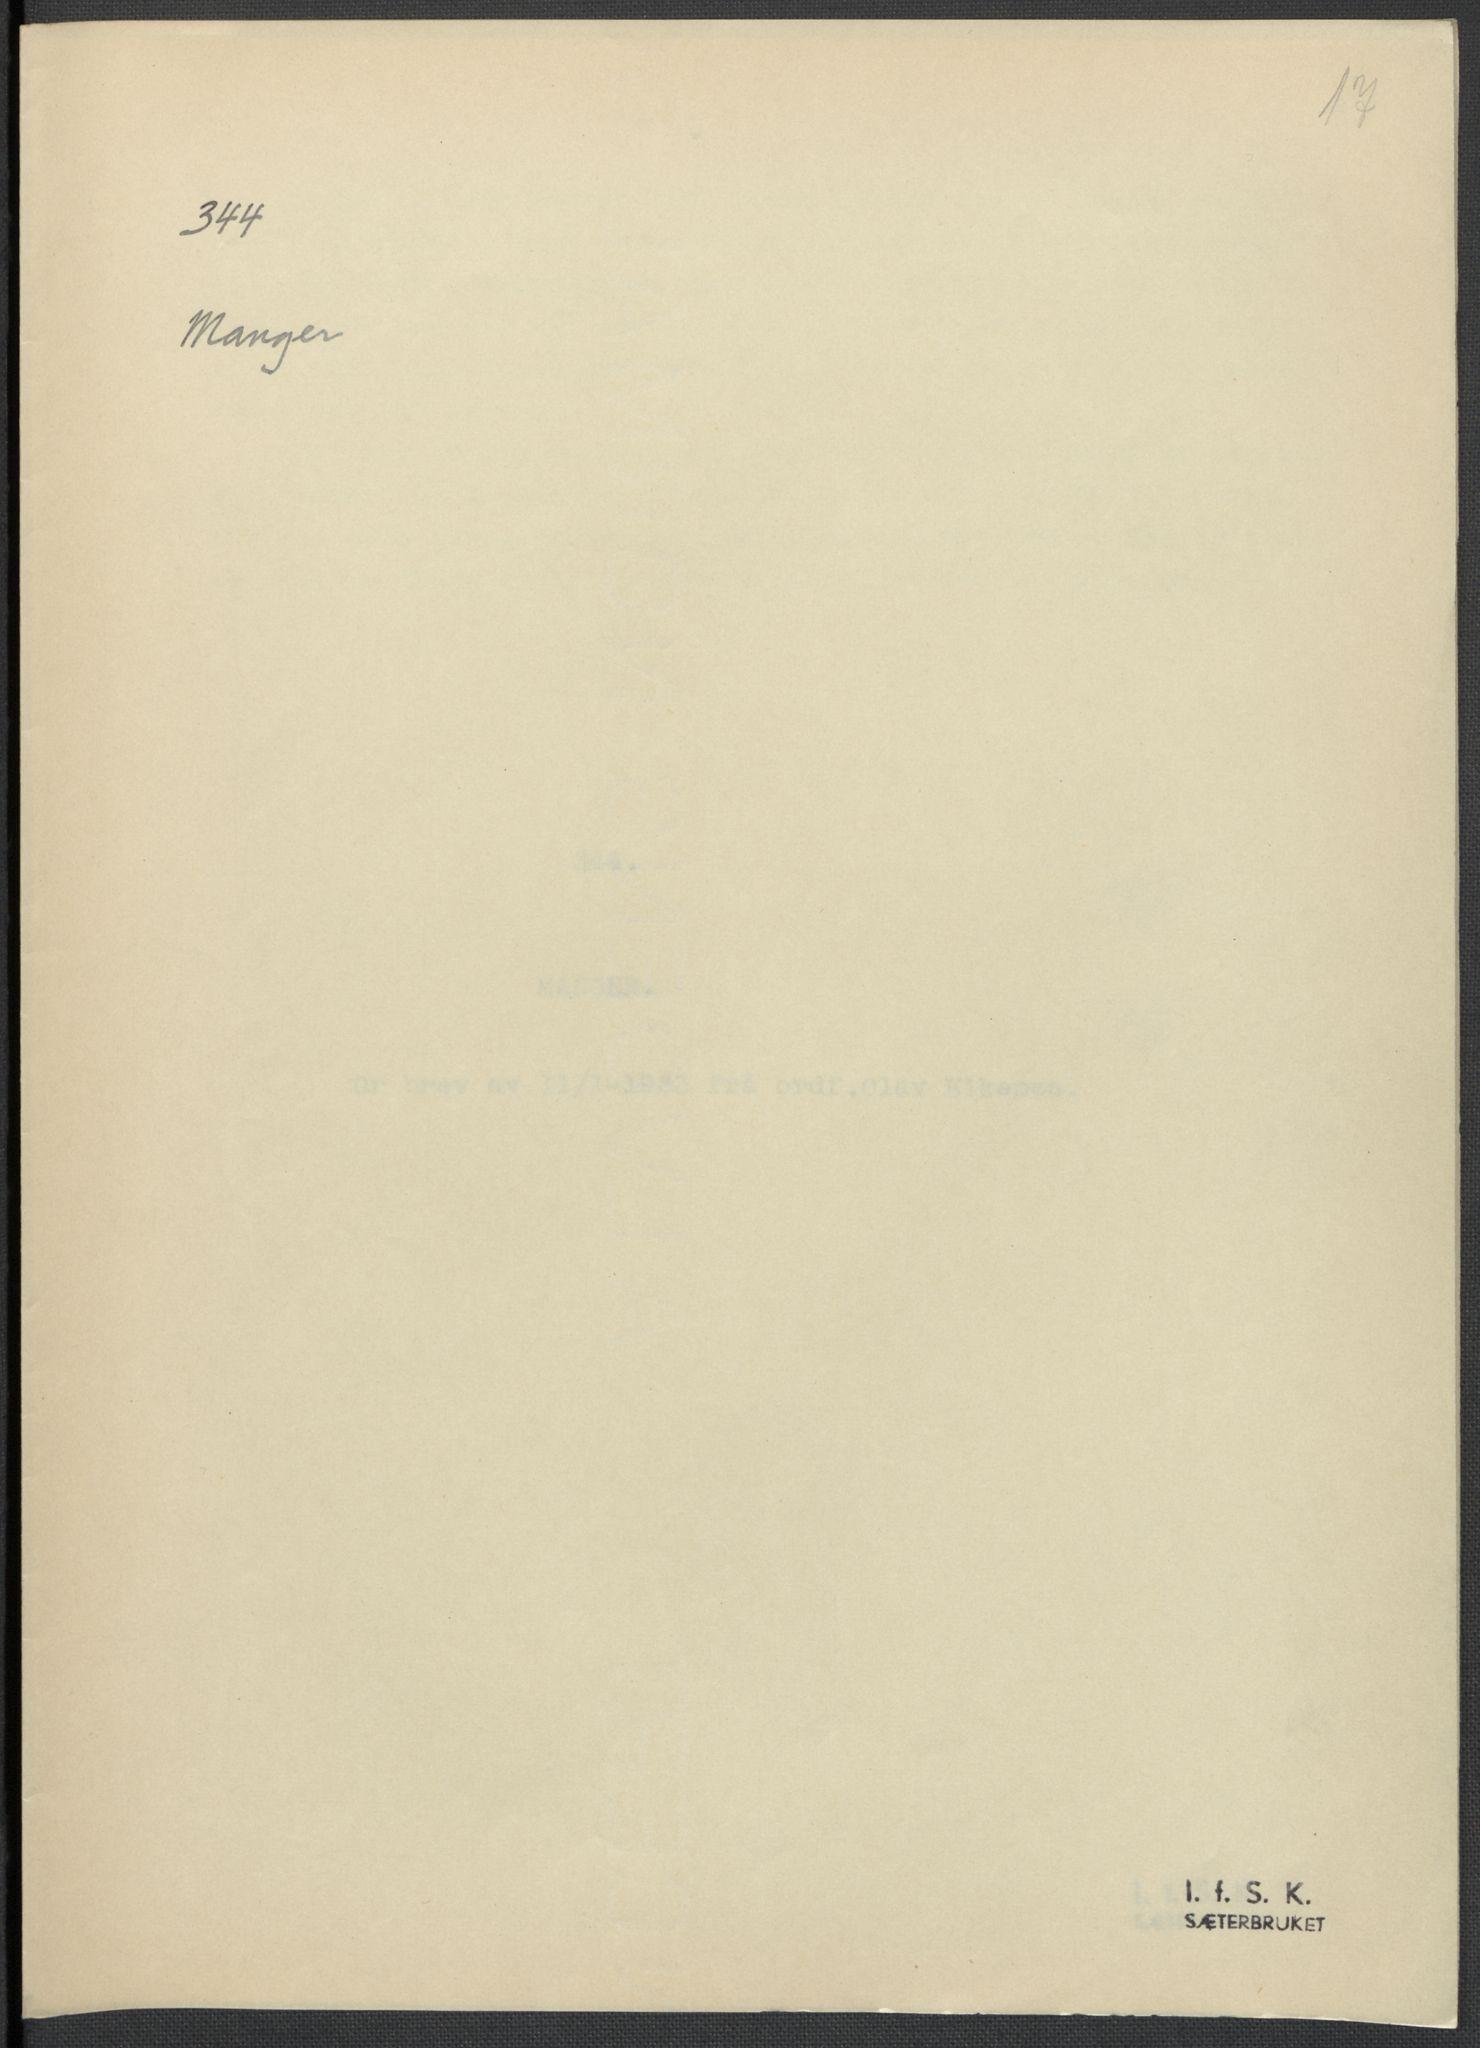 RA, Instituttet for sammenlignende kulturforskning, F/Fc/L0010: Eske B10:, 1932-1935, s. 17